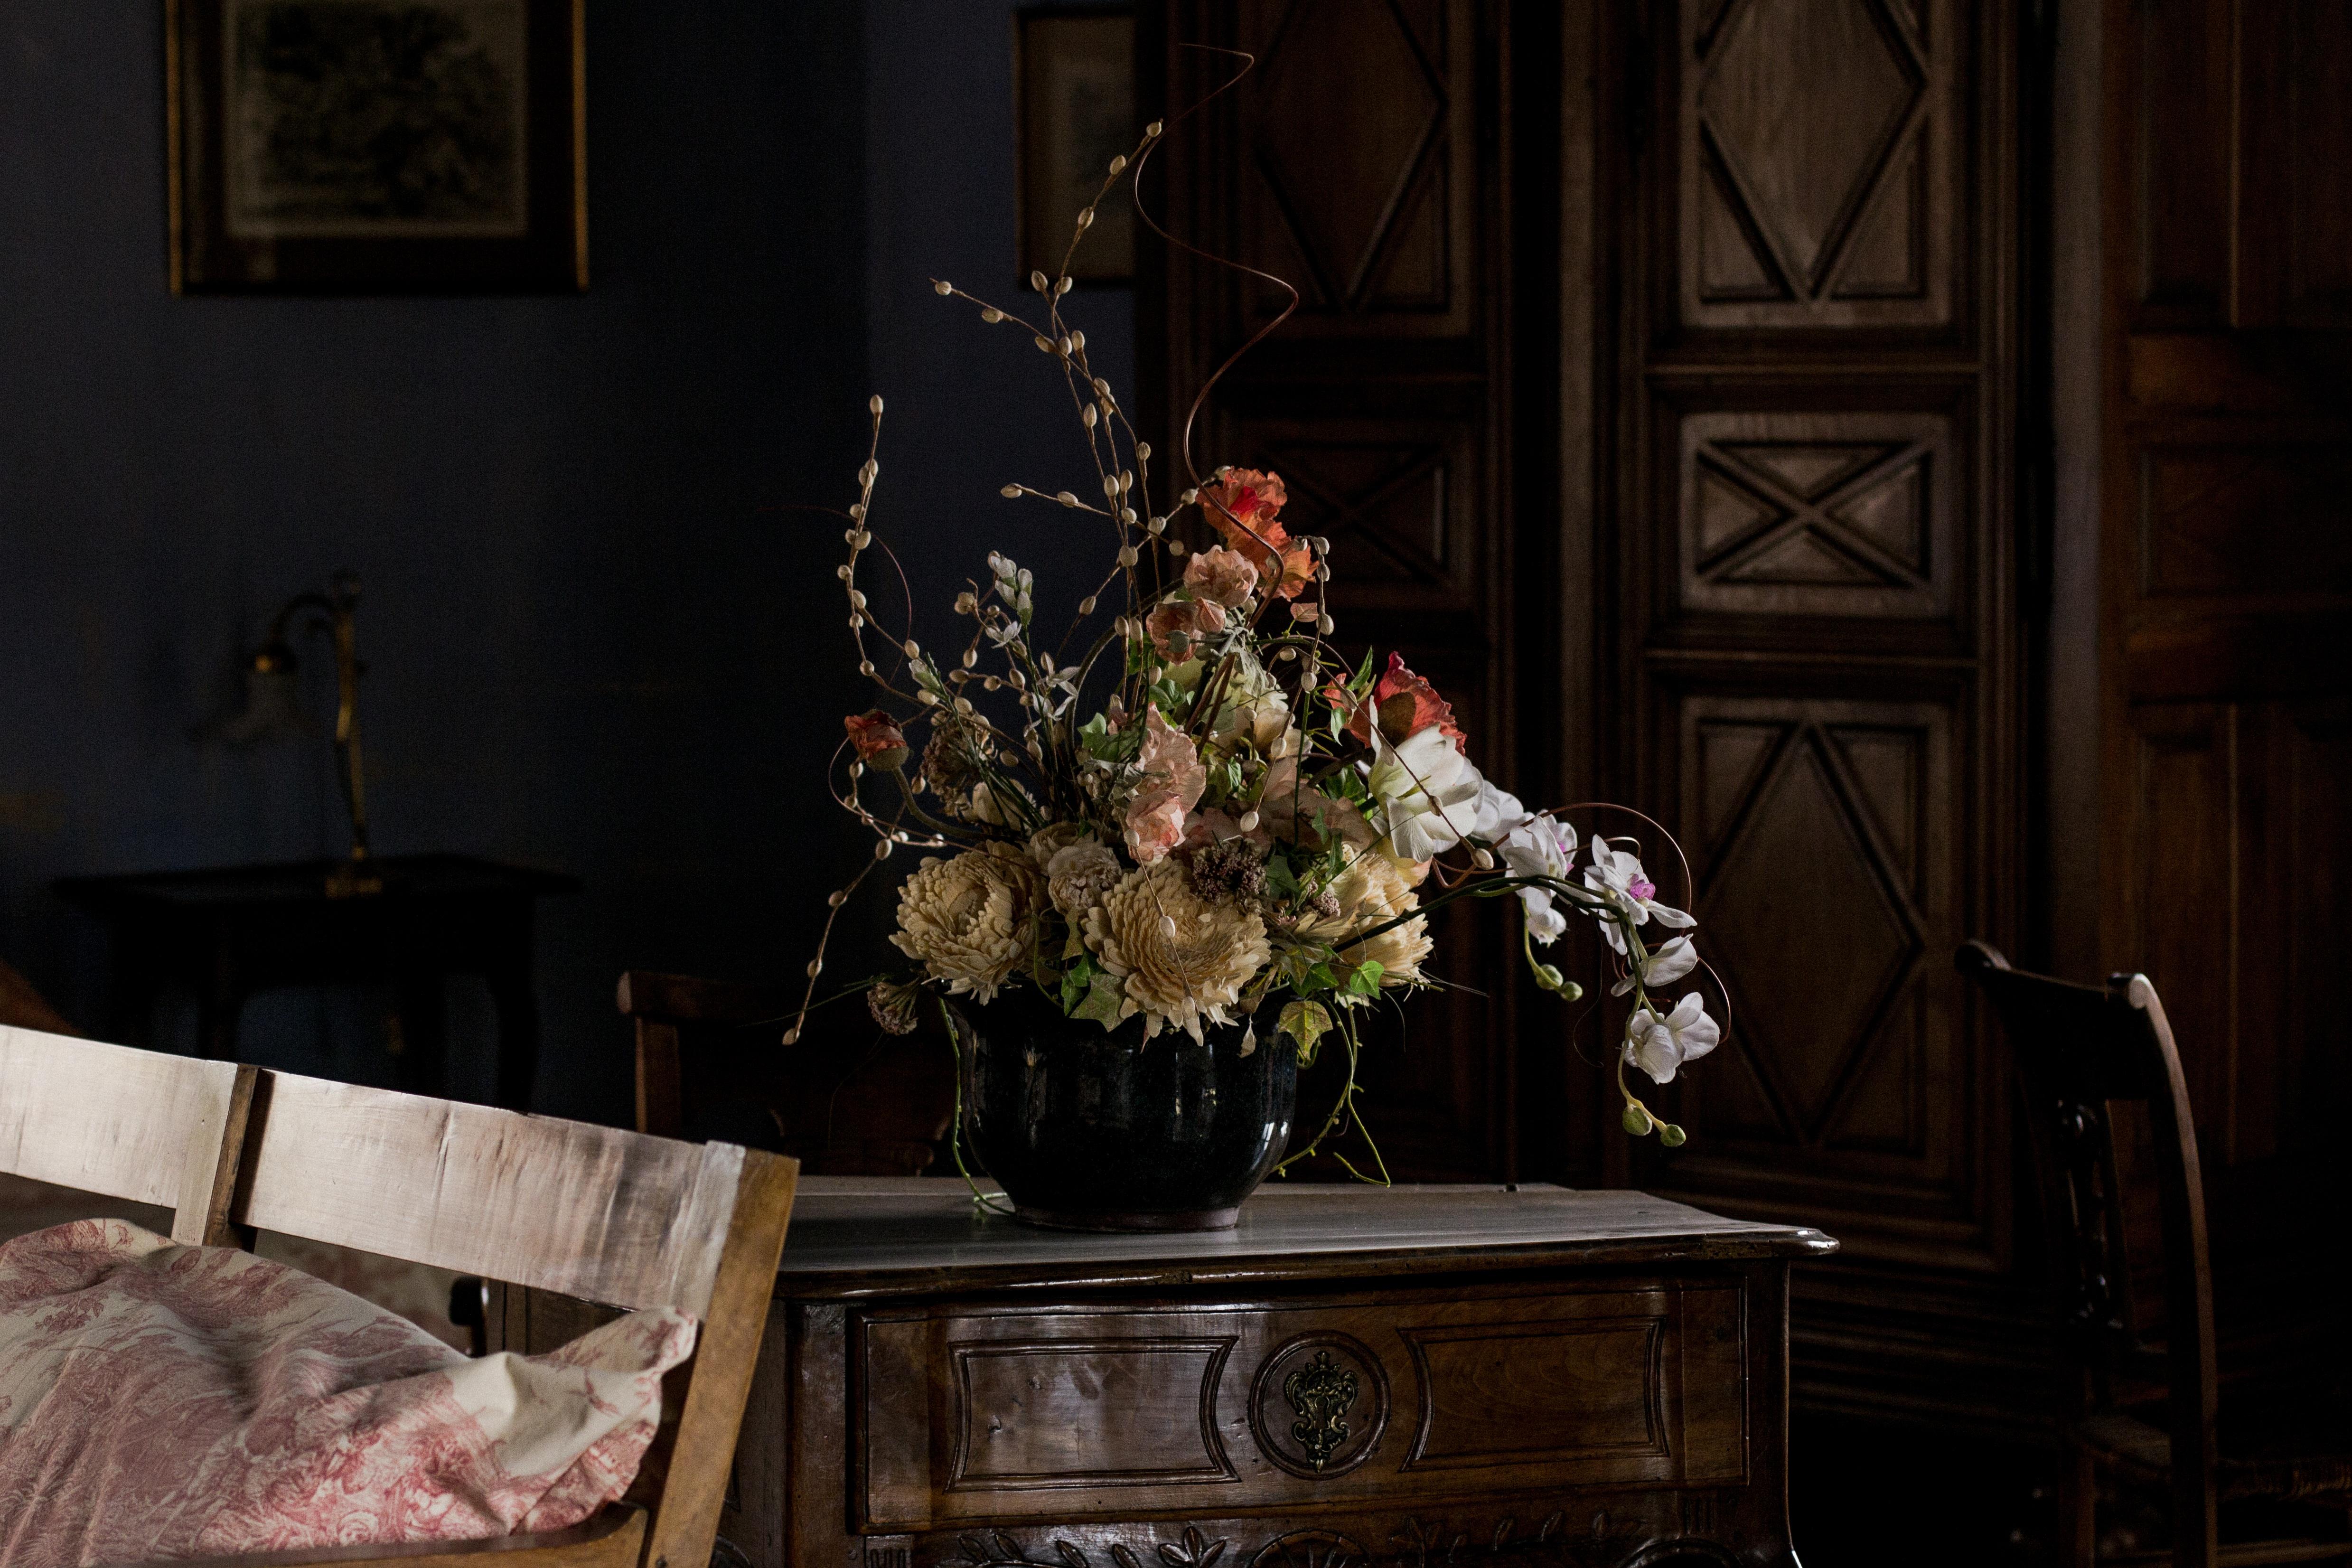 Images Gratuites Antique Fleur Interieur Maison Meubles